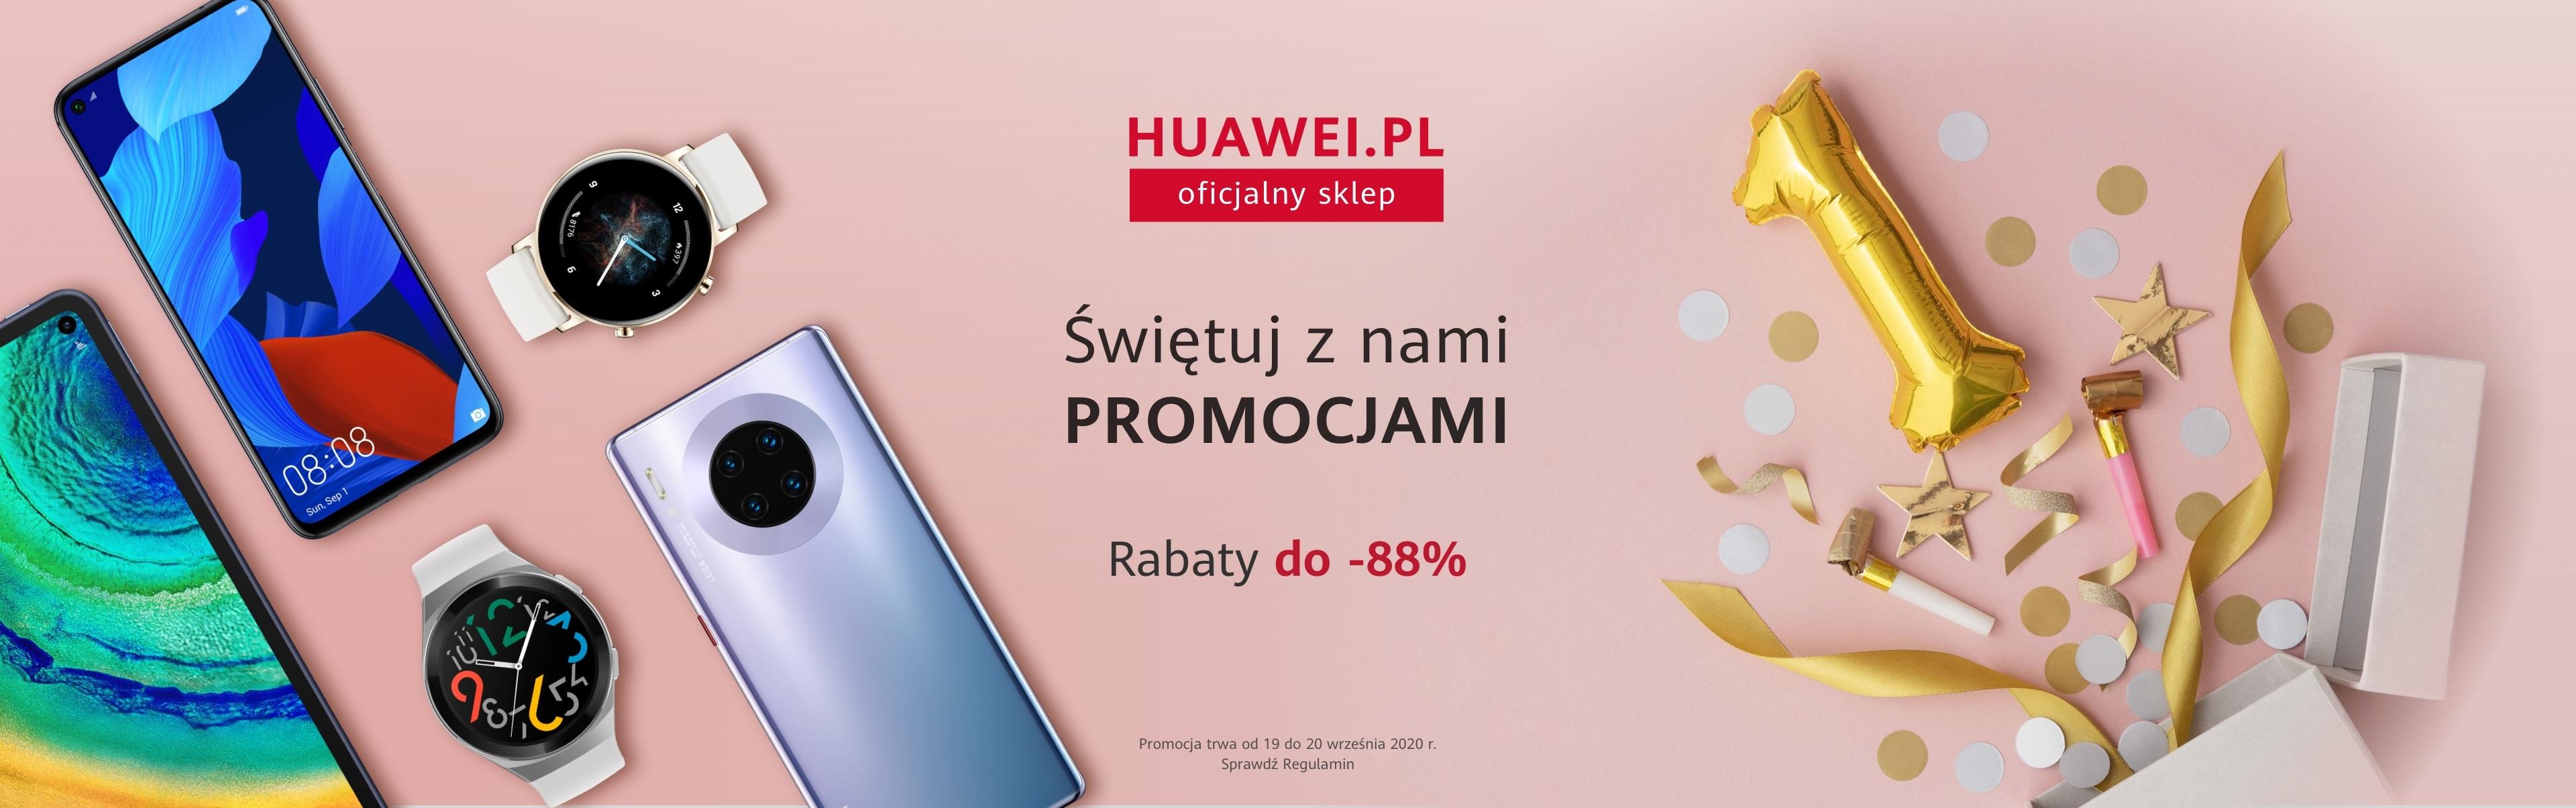 Pierwsze urodziny sklepu internetowego huawei.pl